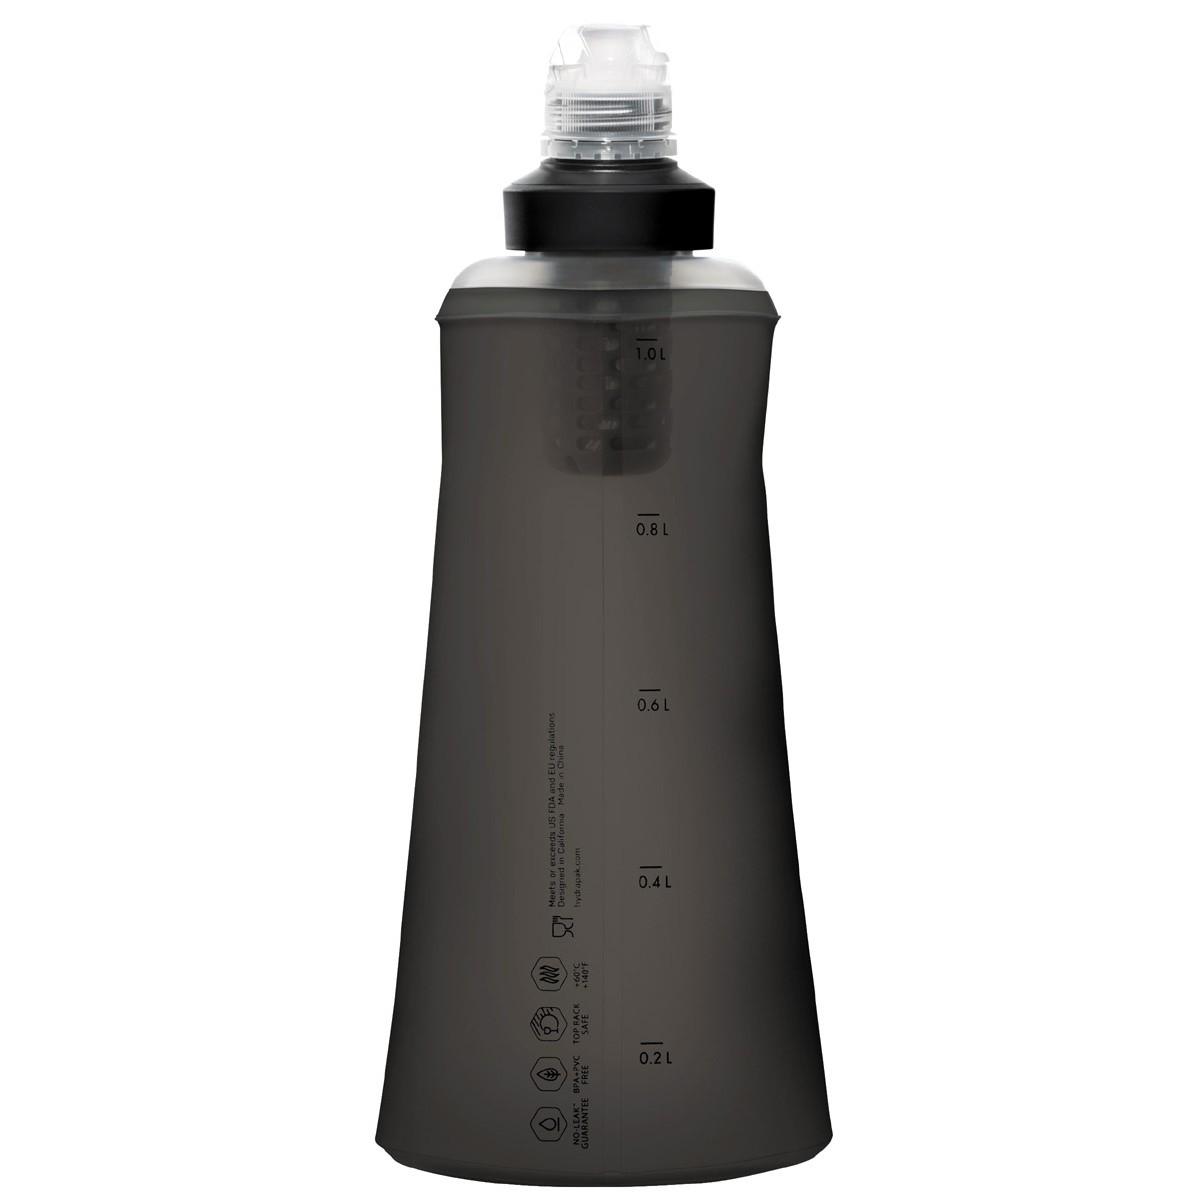 Láhev filtrační KATADYN skládací BeFree 1 l Katadyn 8020426 L-11